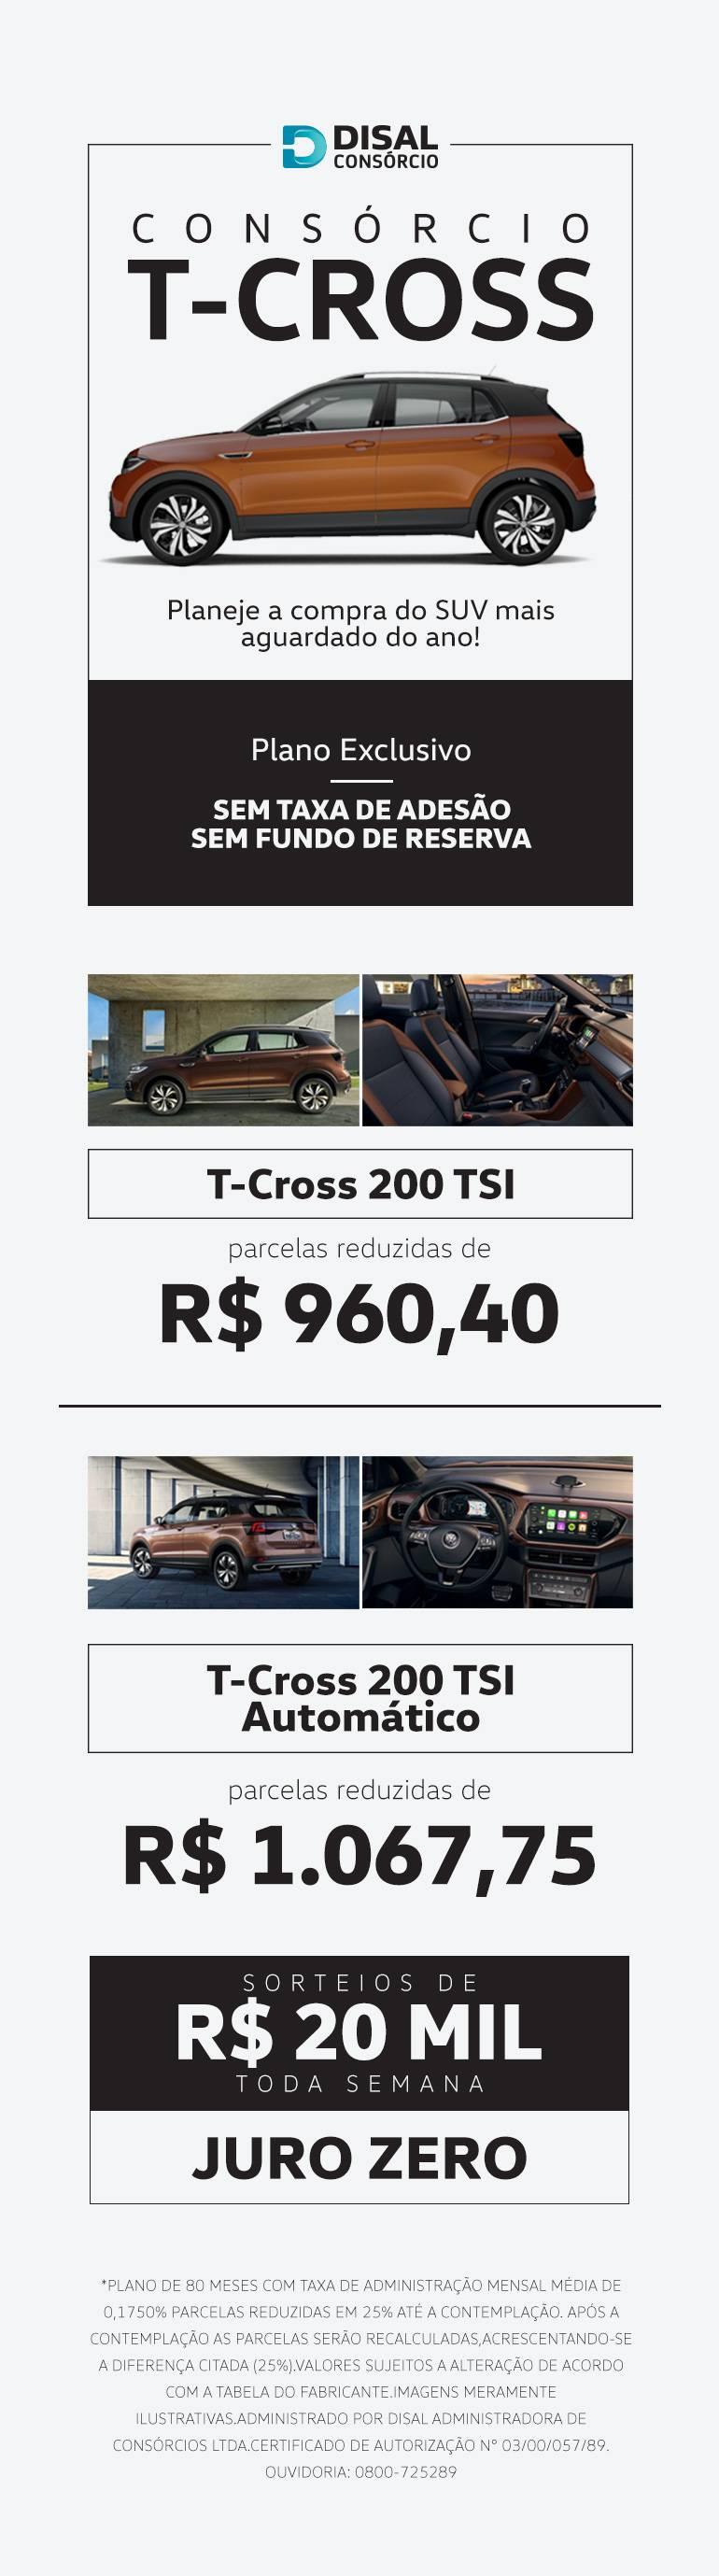 Consórcio T-Cross